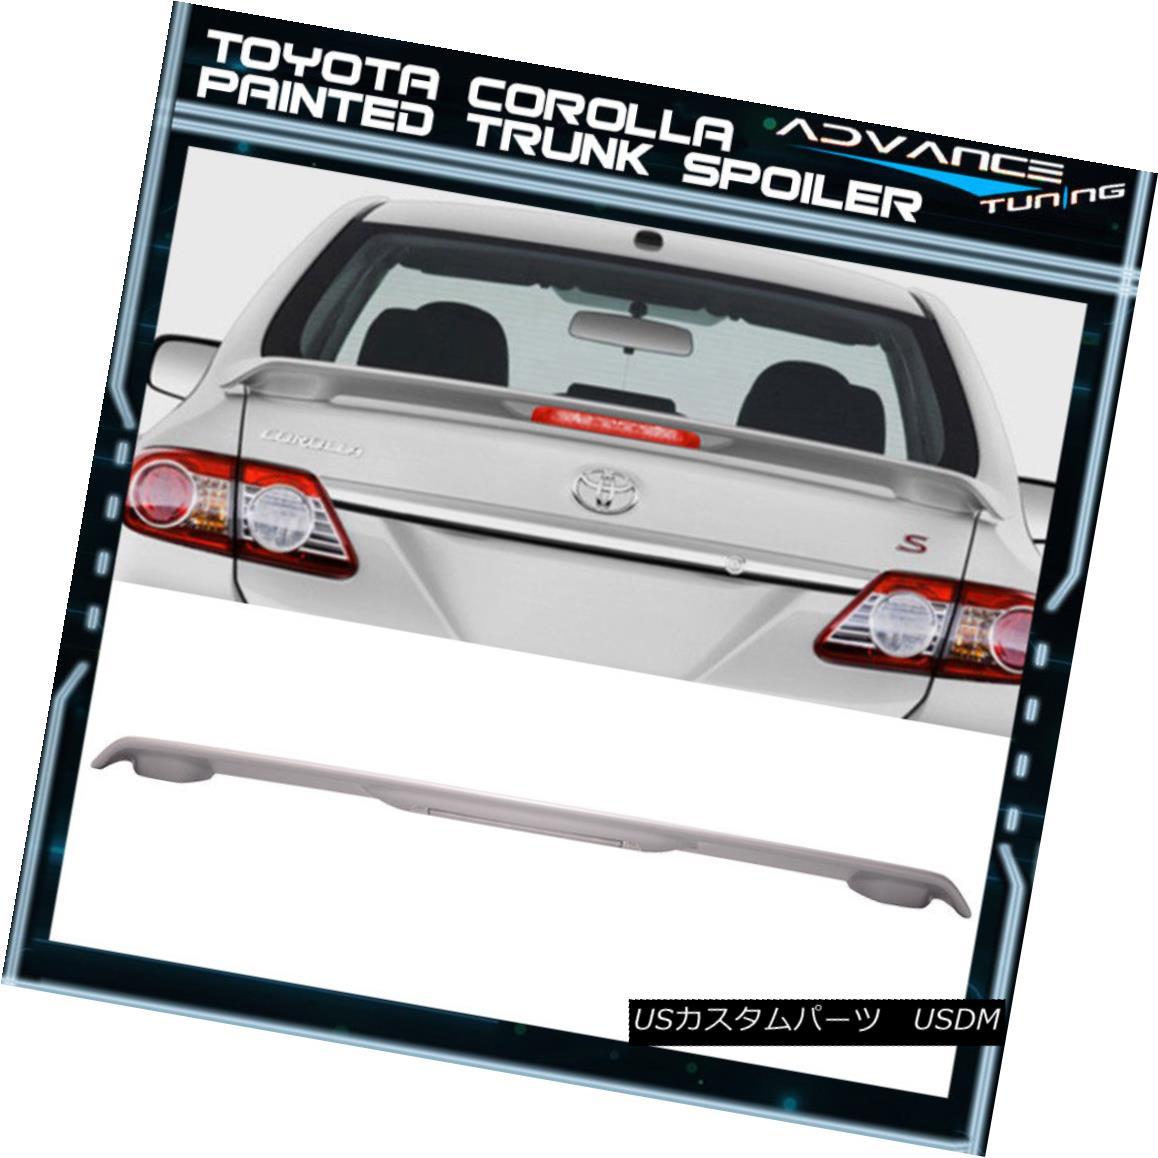 エアロパーツ 09-13 Corolla 4Dr LED Trunk Spoiler OEM Painted Match Classic Silver # 1F7 ABS 09-13カローラ4Dr LEDトランク・スポイラーOEM塗装マッチクラシックシルバー#1F7 ABS